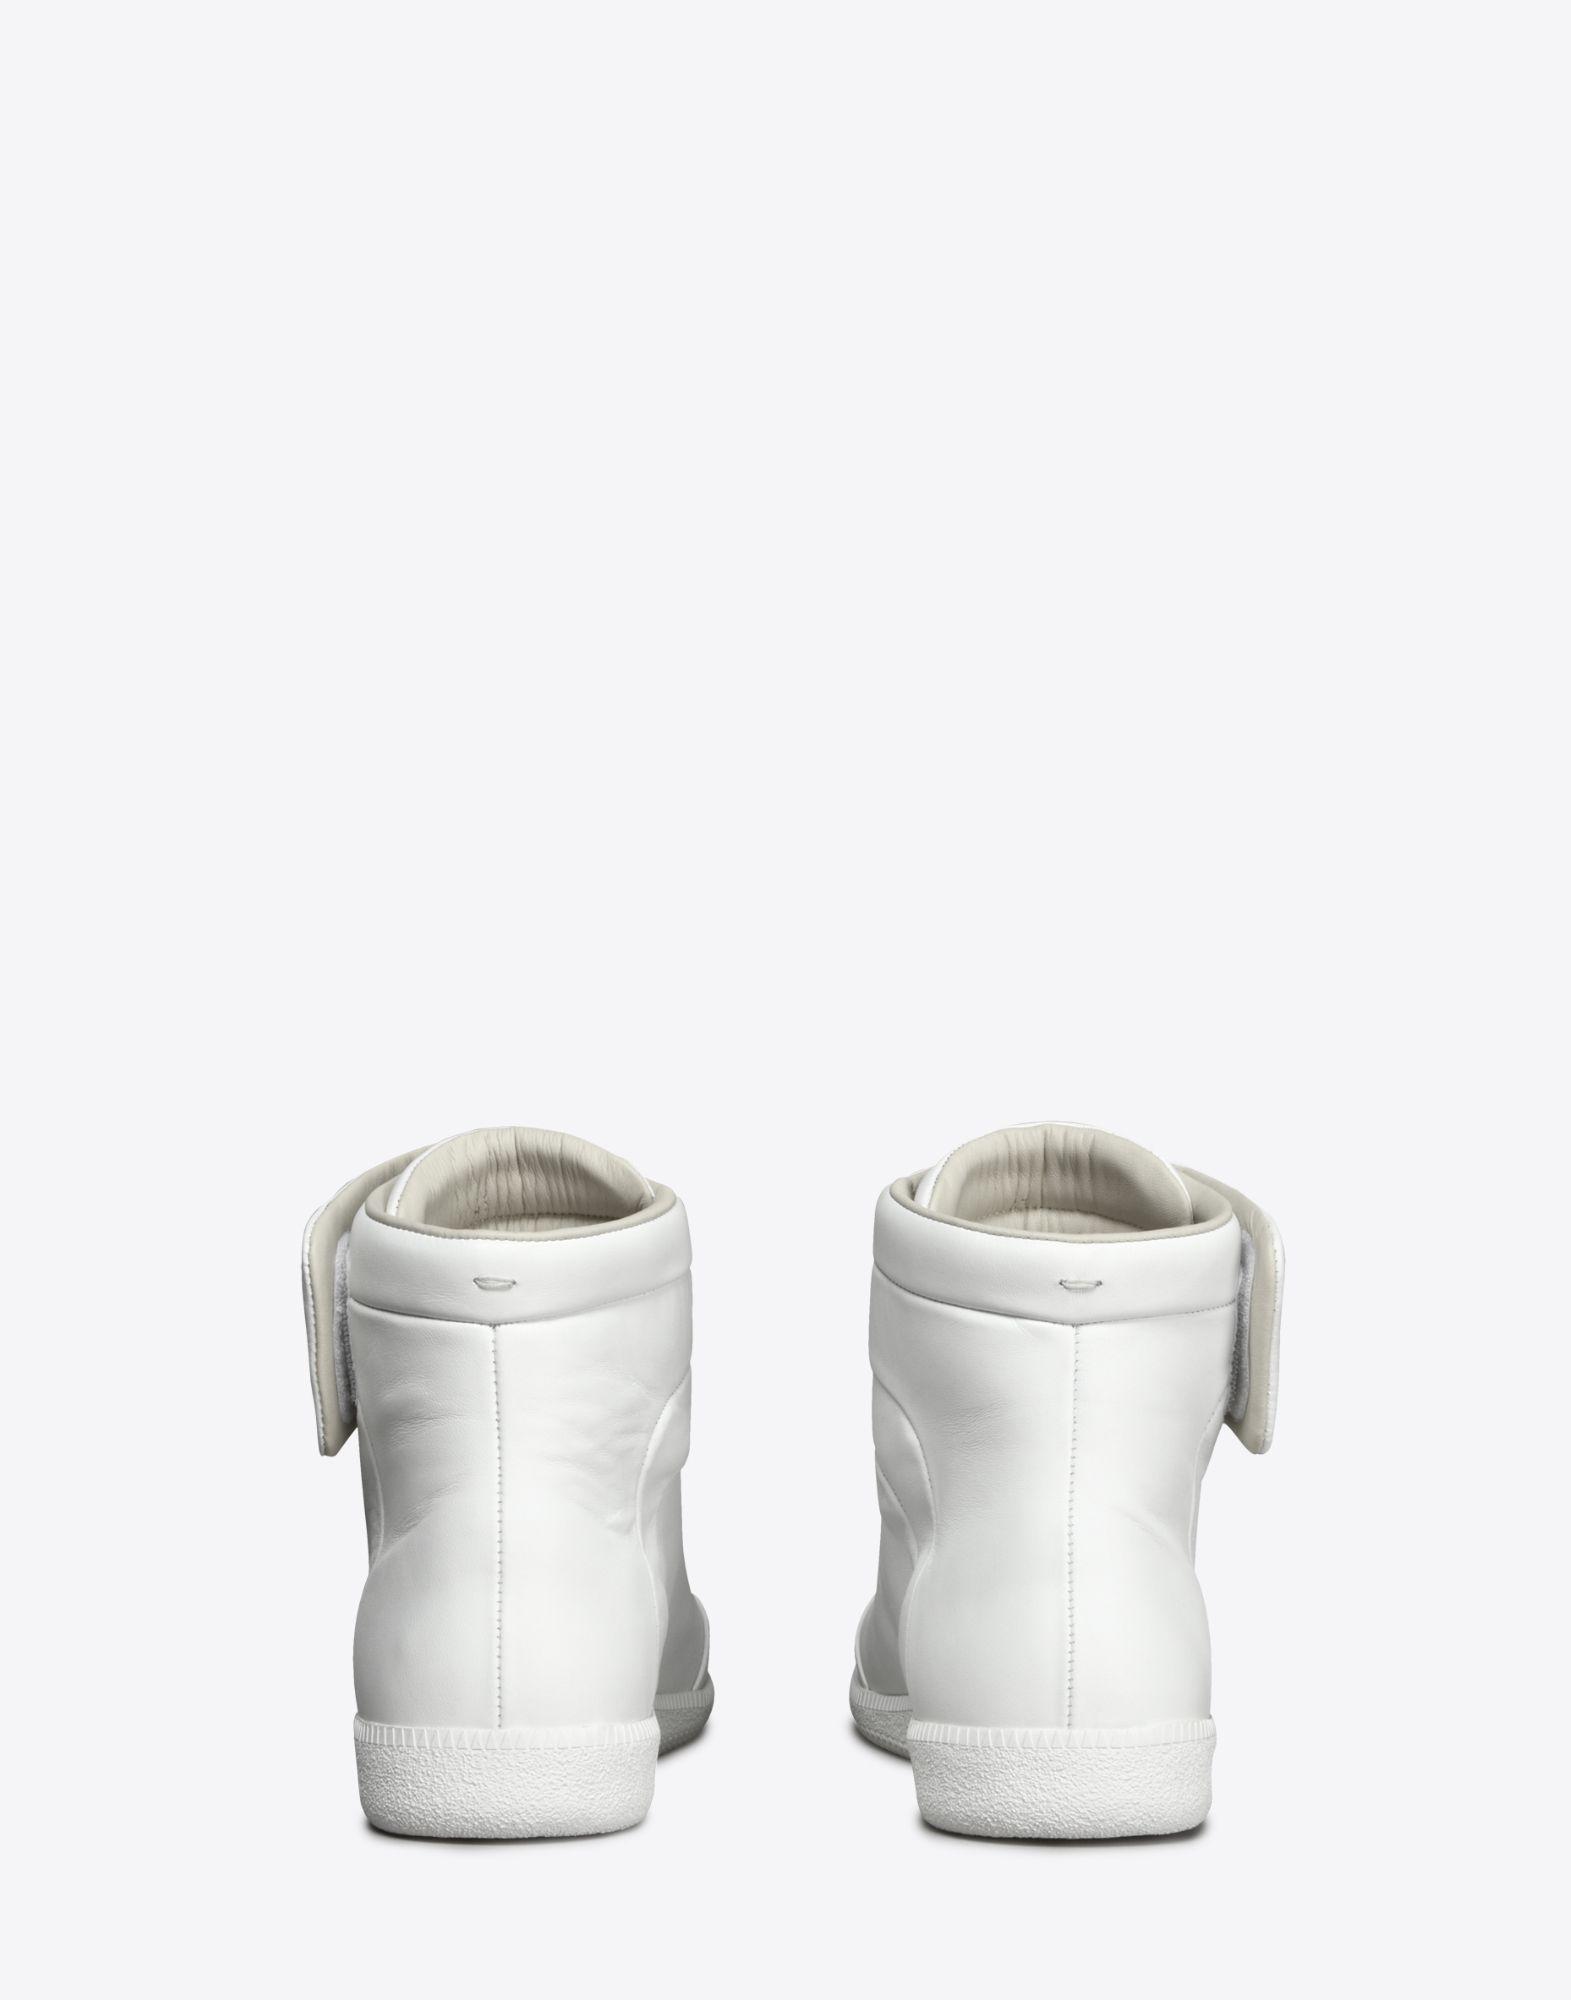 MAISON MARGIELA 22 Baskets 'Future' hautes Sneakers Homme d